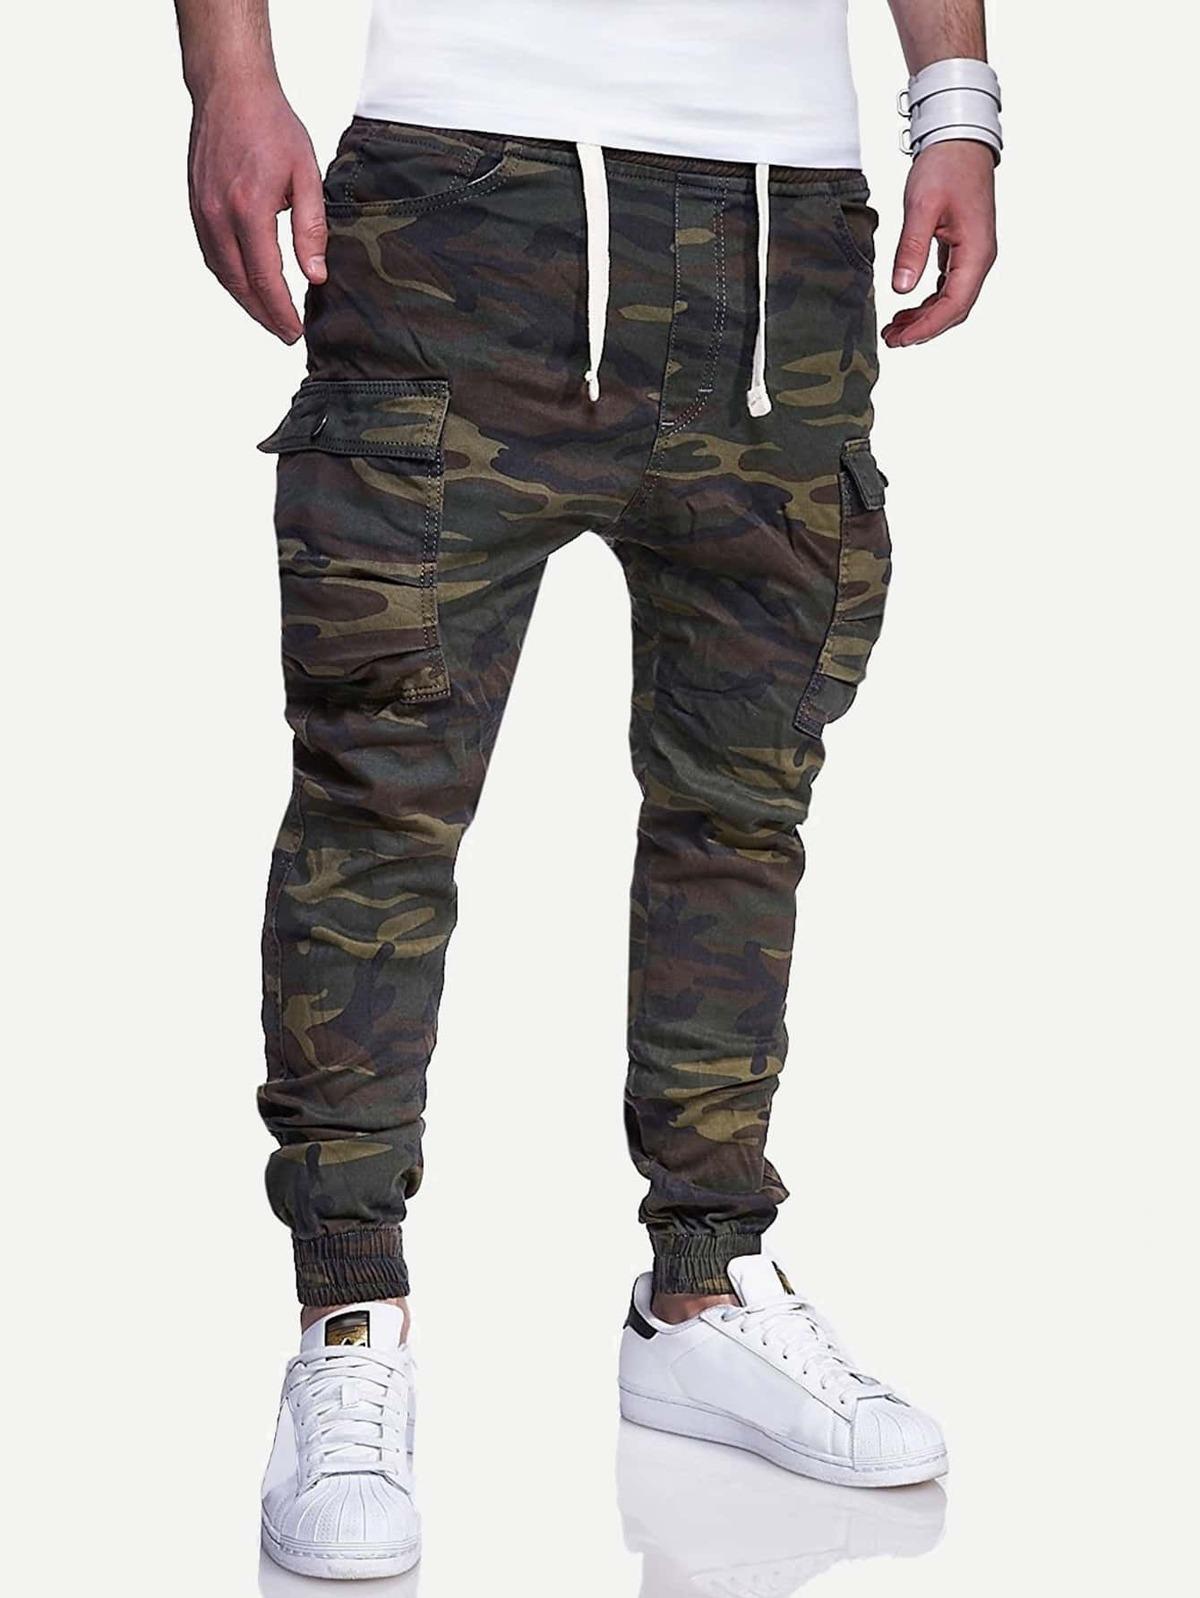 男人 口袋 裝飾 迷彩色 圖片 褲